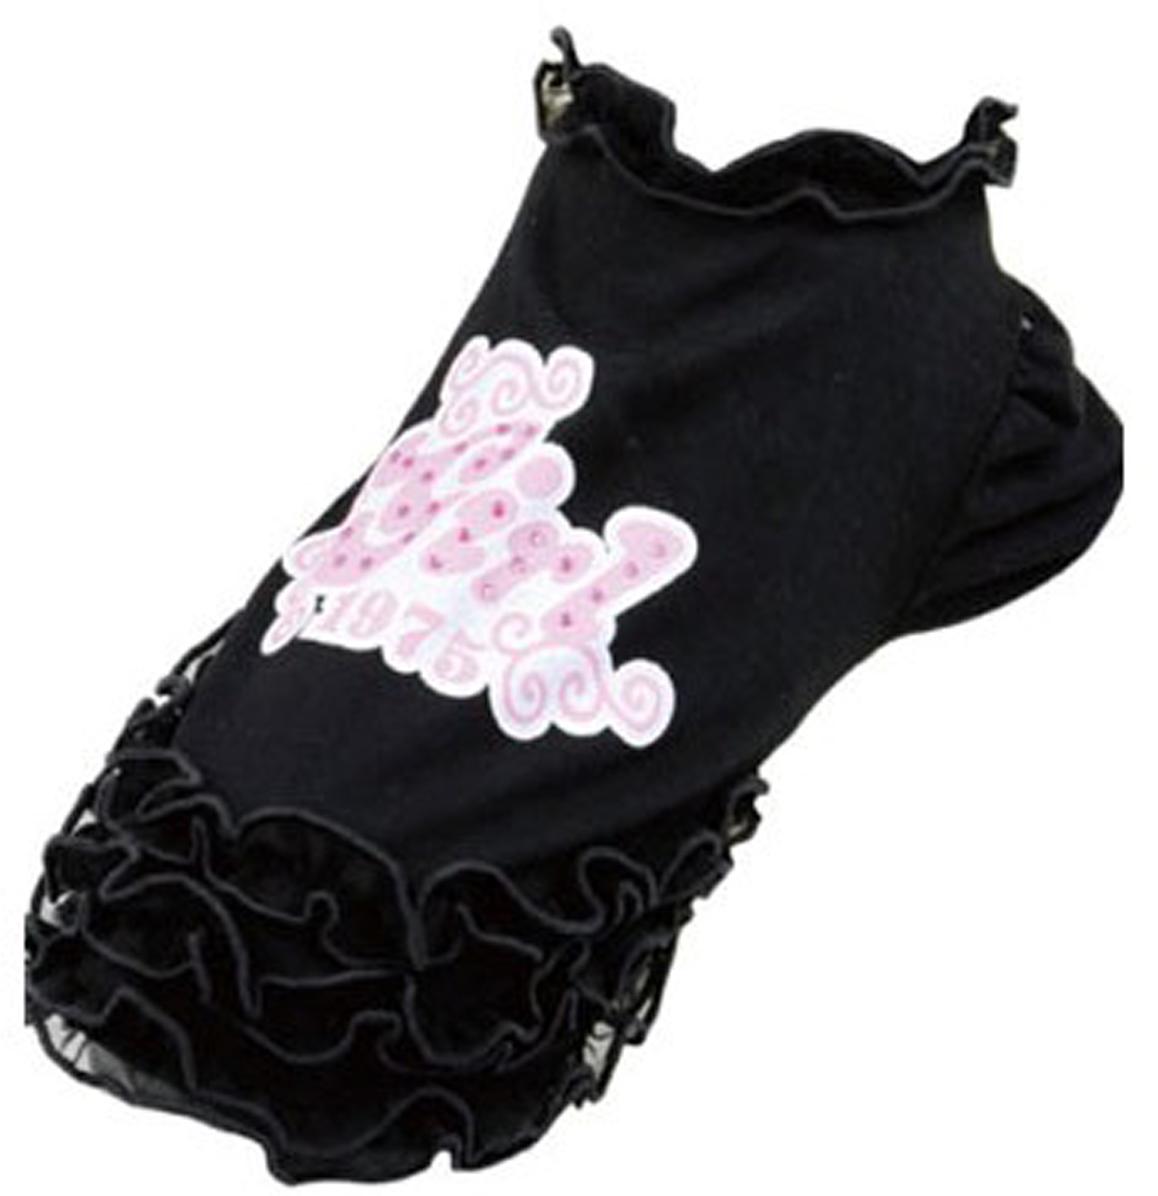 """Майка для собак Dobaz """"Girl 1975"""", для девочки, цвет: черный. ДА13024БЛ. Размер L"""